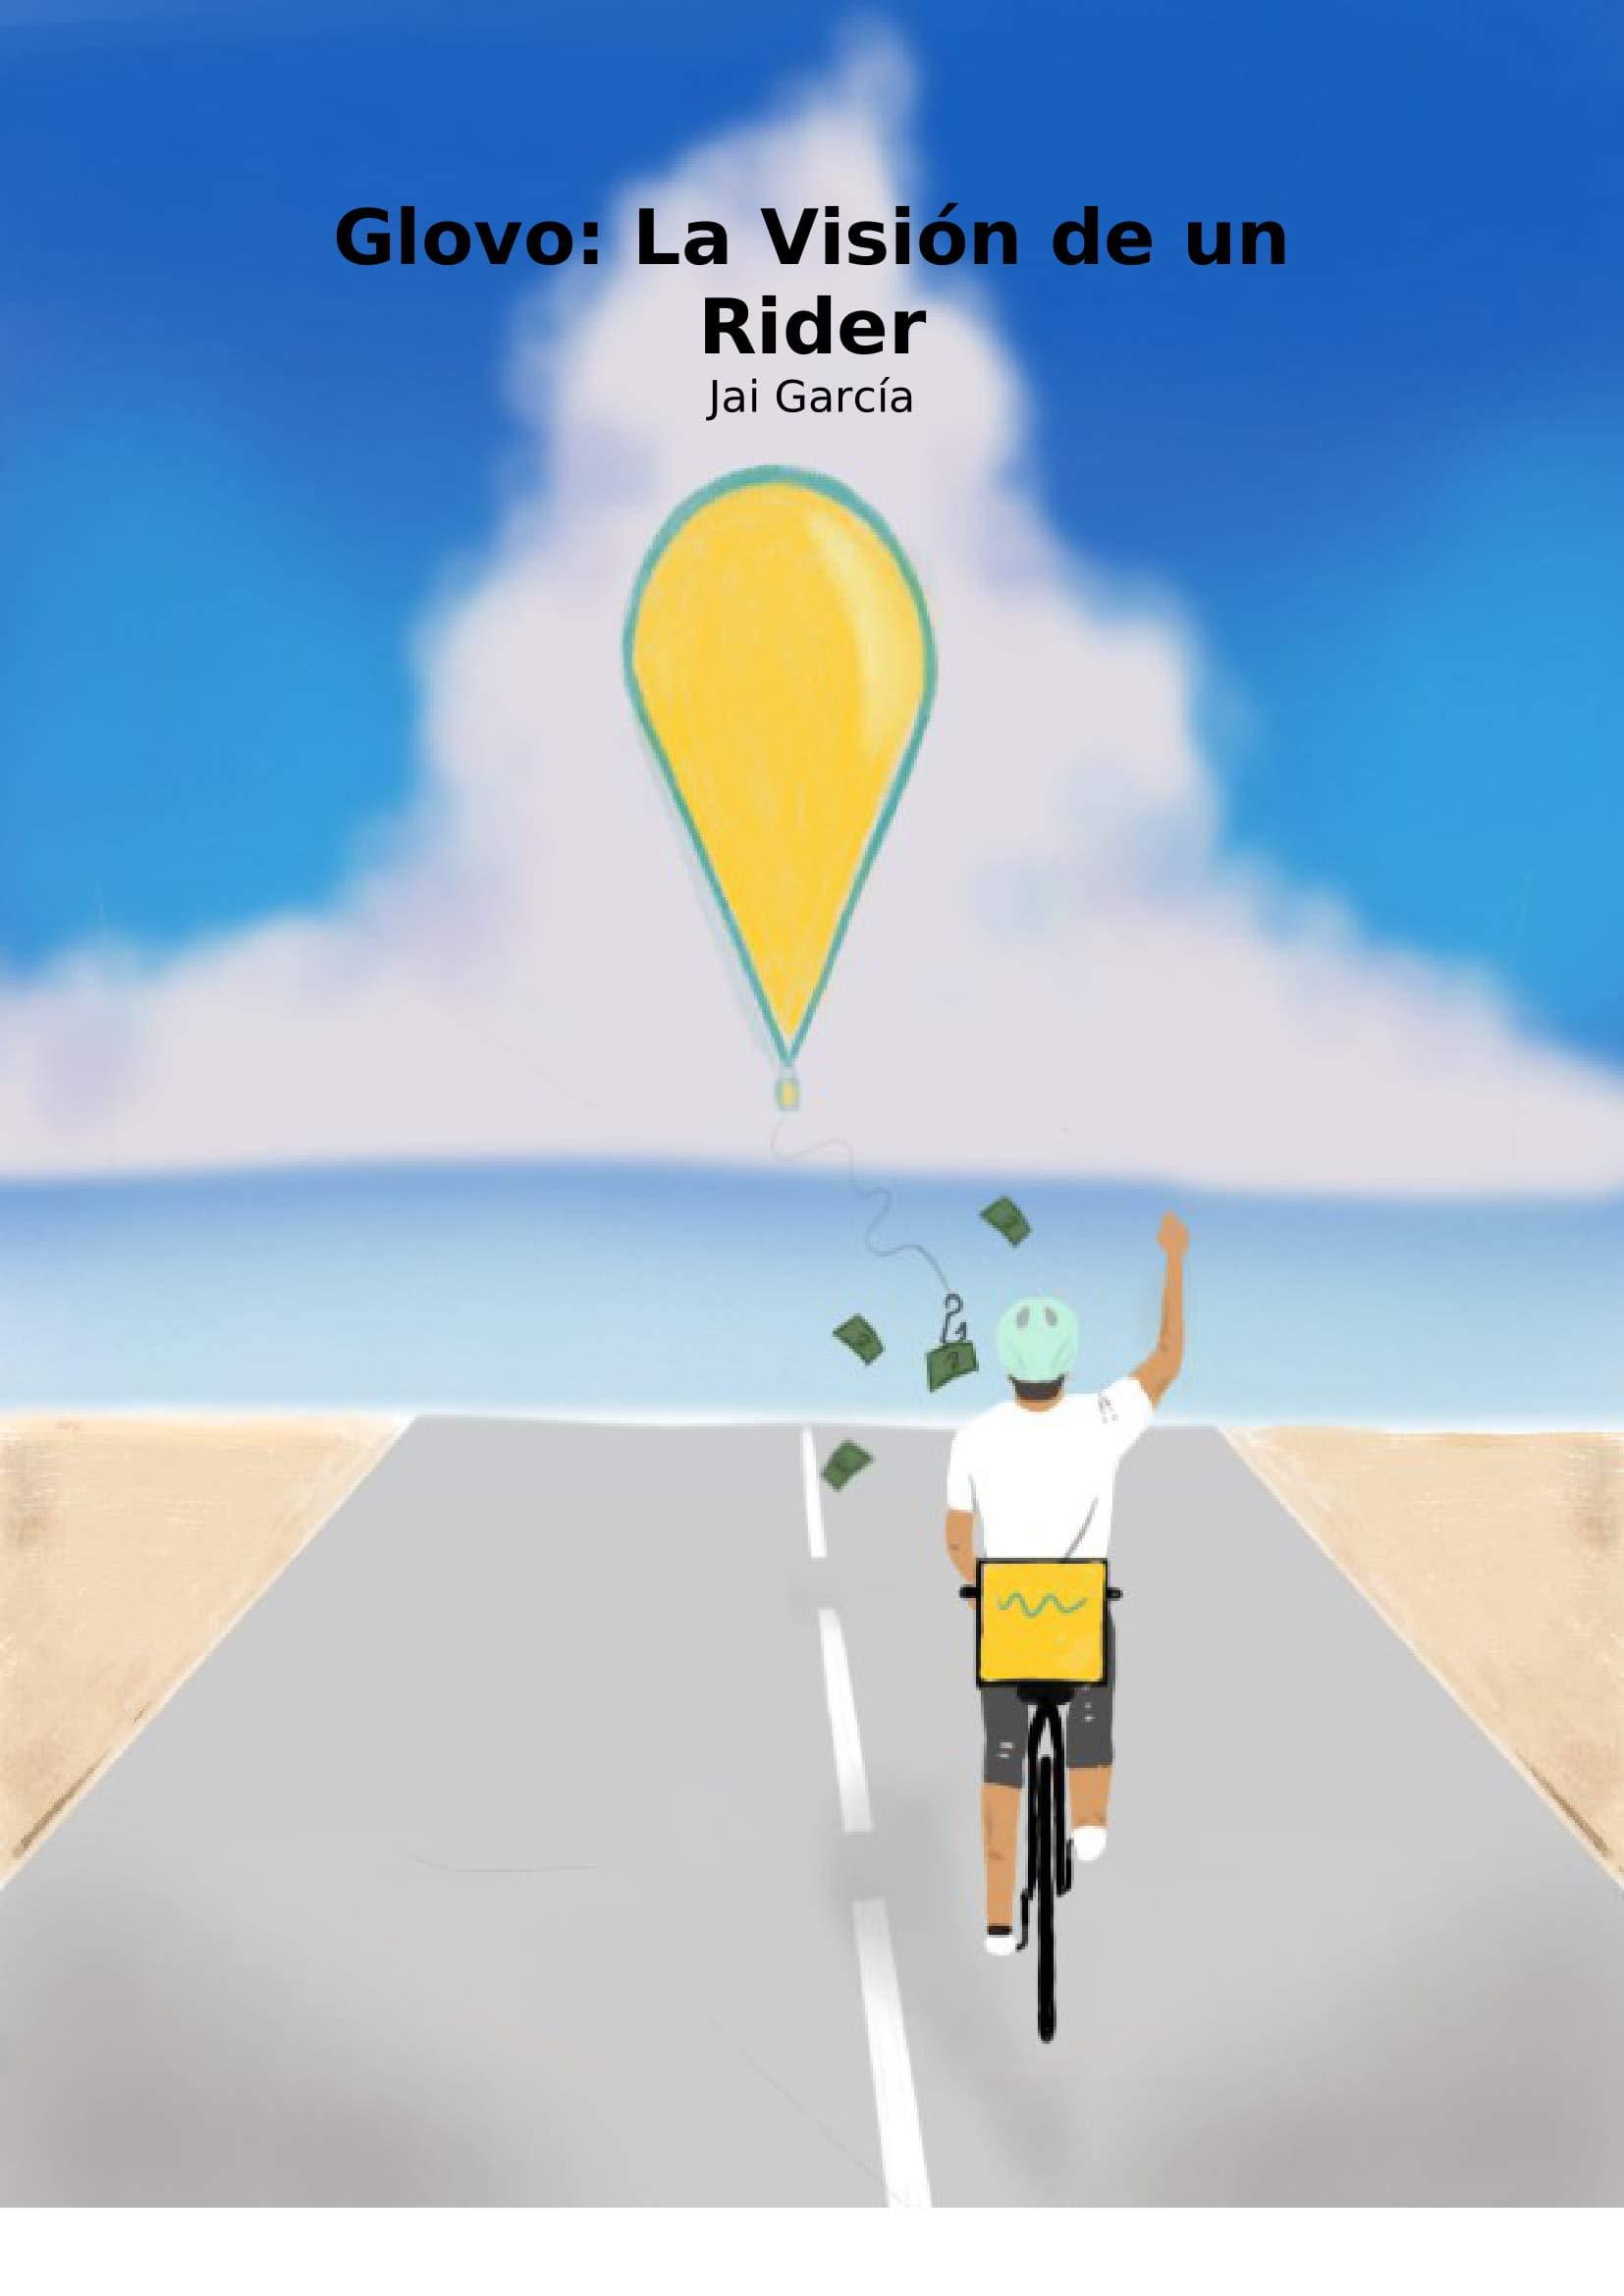 Glovo: La Visión de un Rider (Spanish Edition)